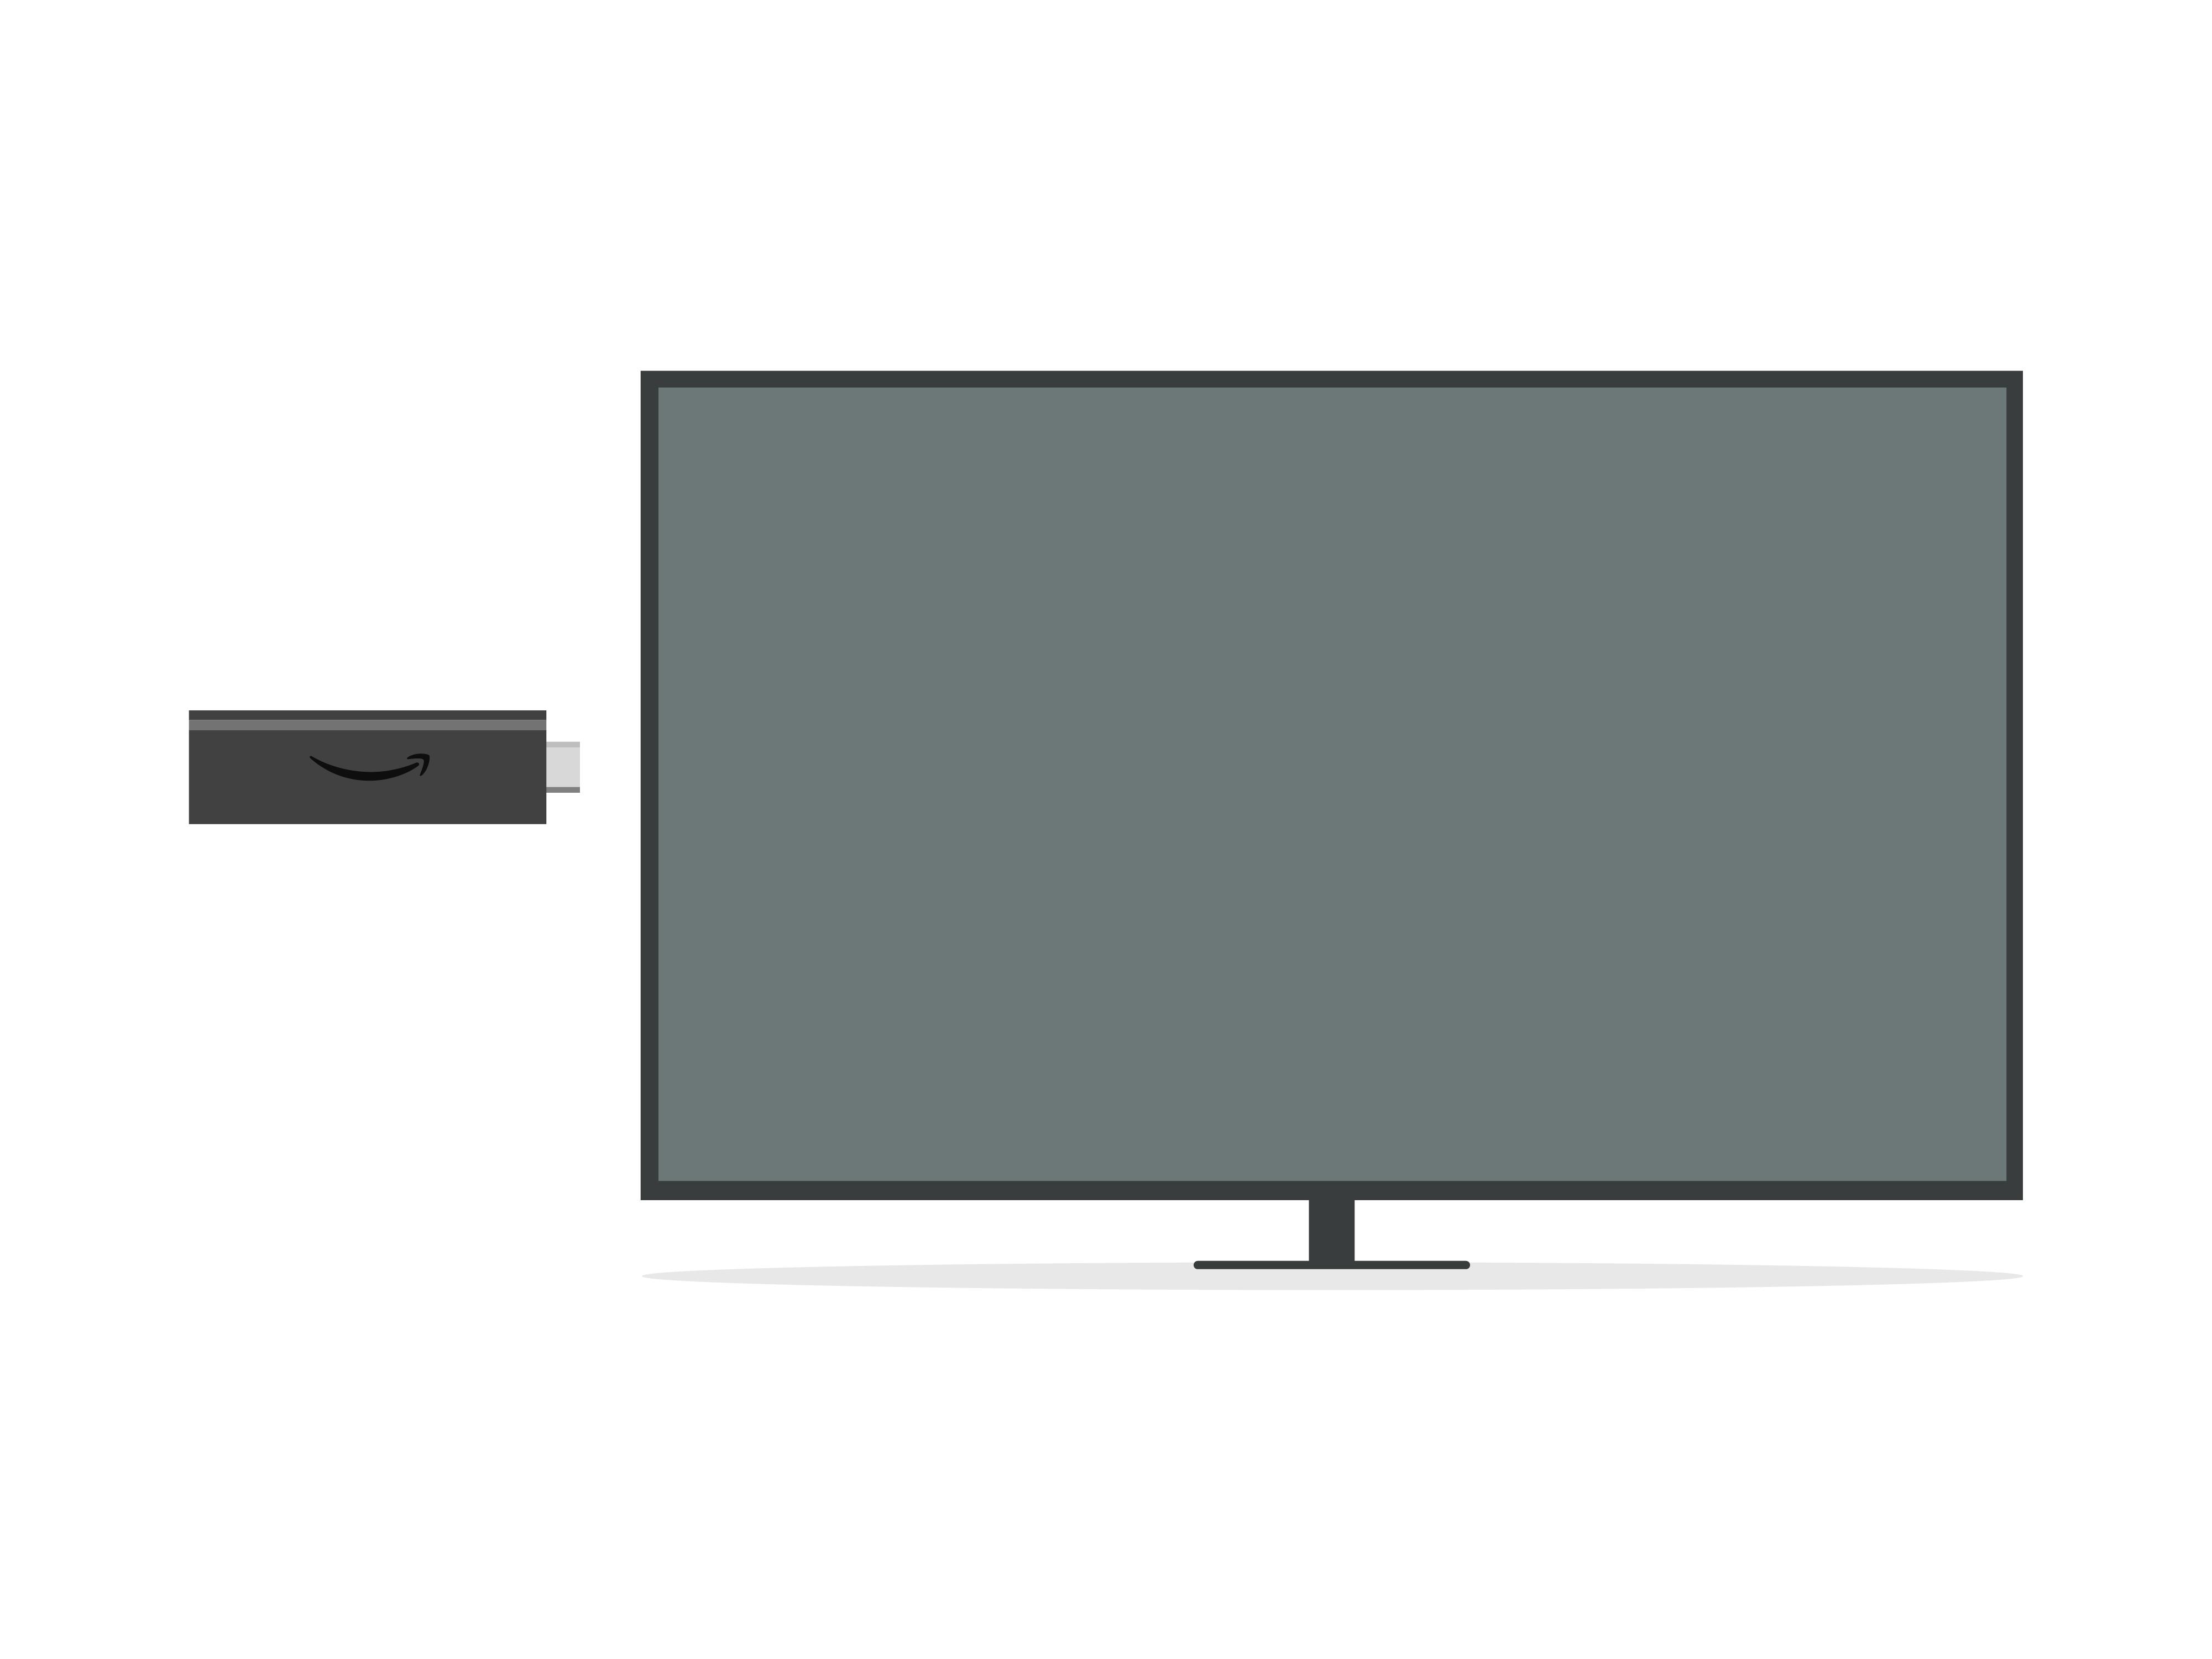 Insira o Fire TV Stick Lite em sua HDTV (você também pode usar o cabo extensor de HDMI)